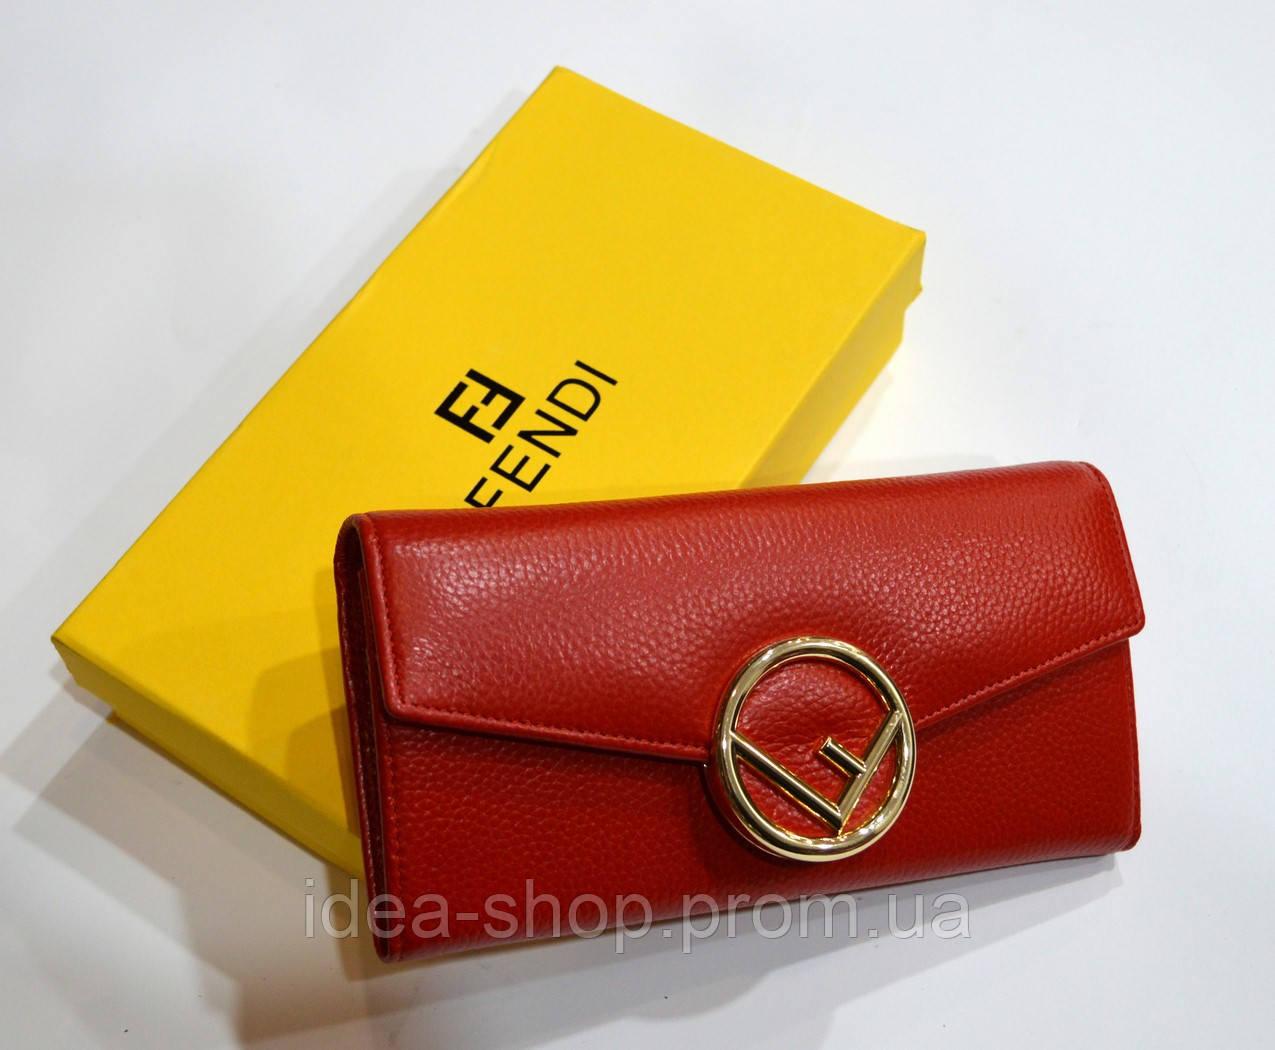 36a820acf2e3 Кошелек кожаный женский на магните FENDI реплика красный - интернет-магазин